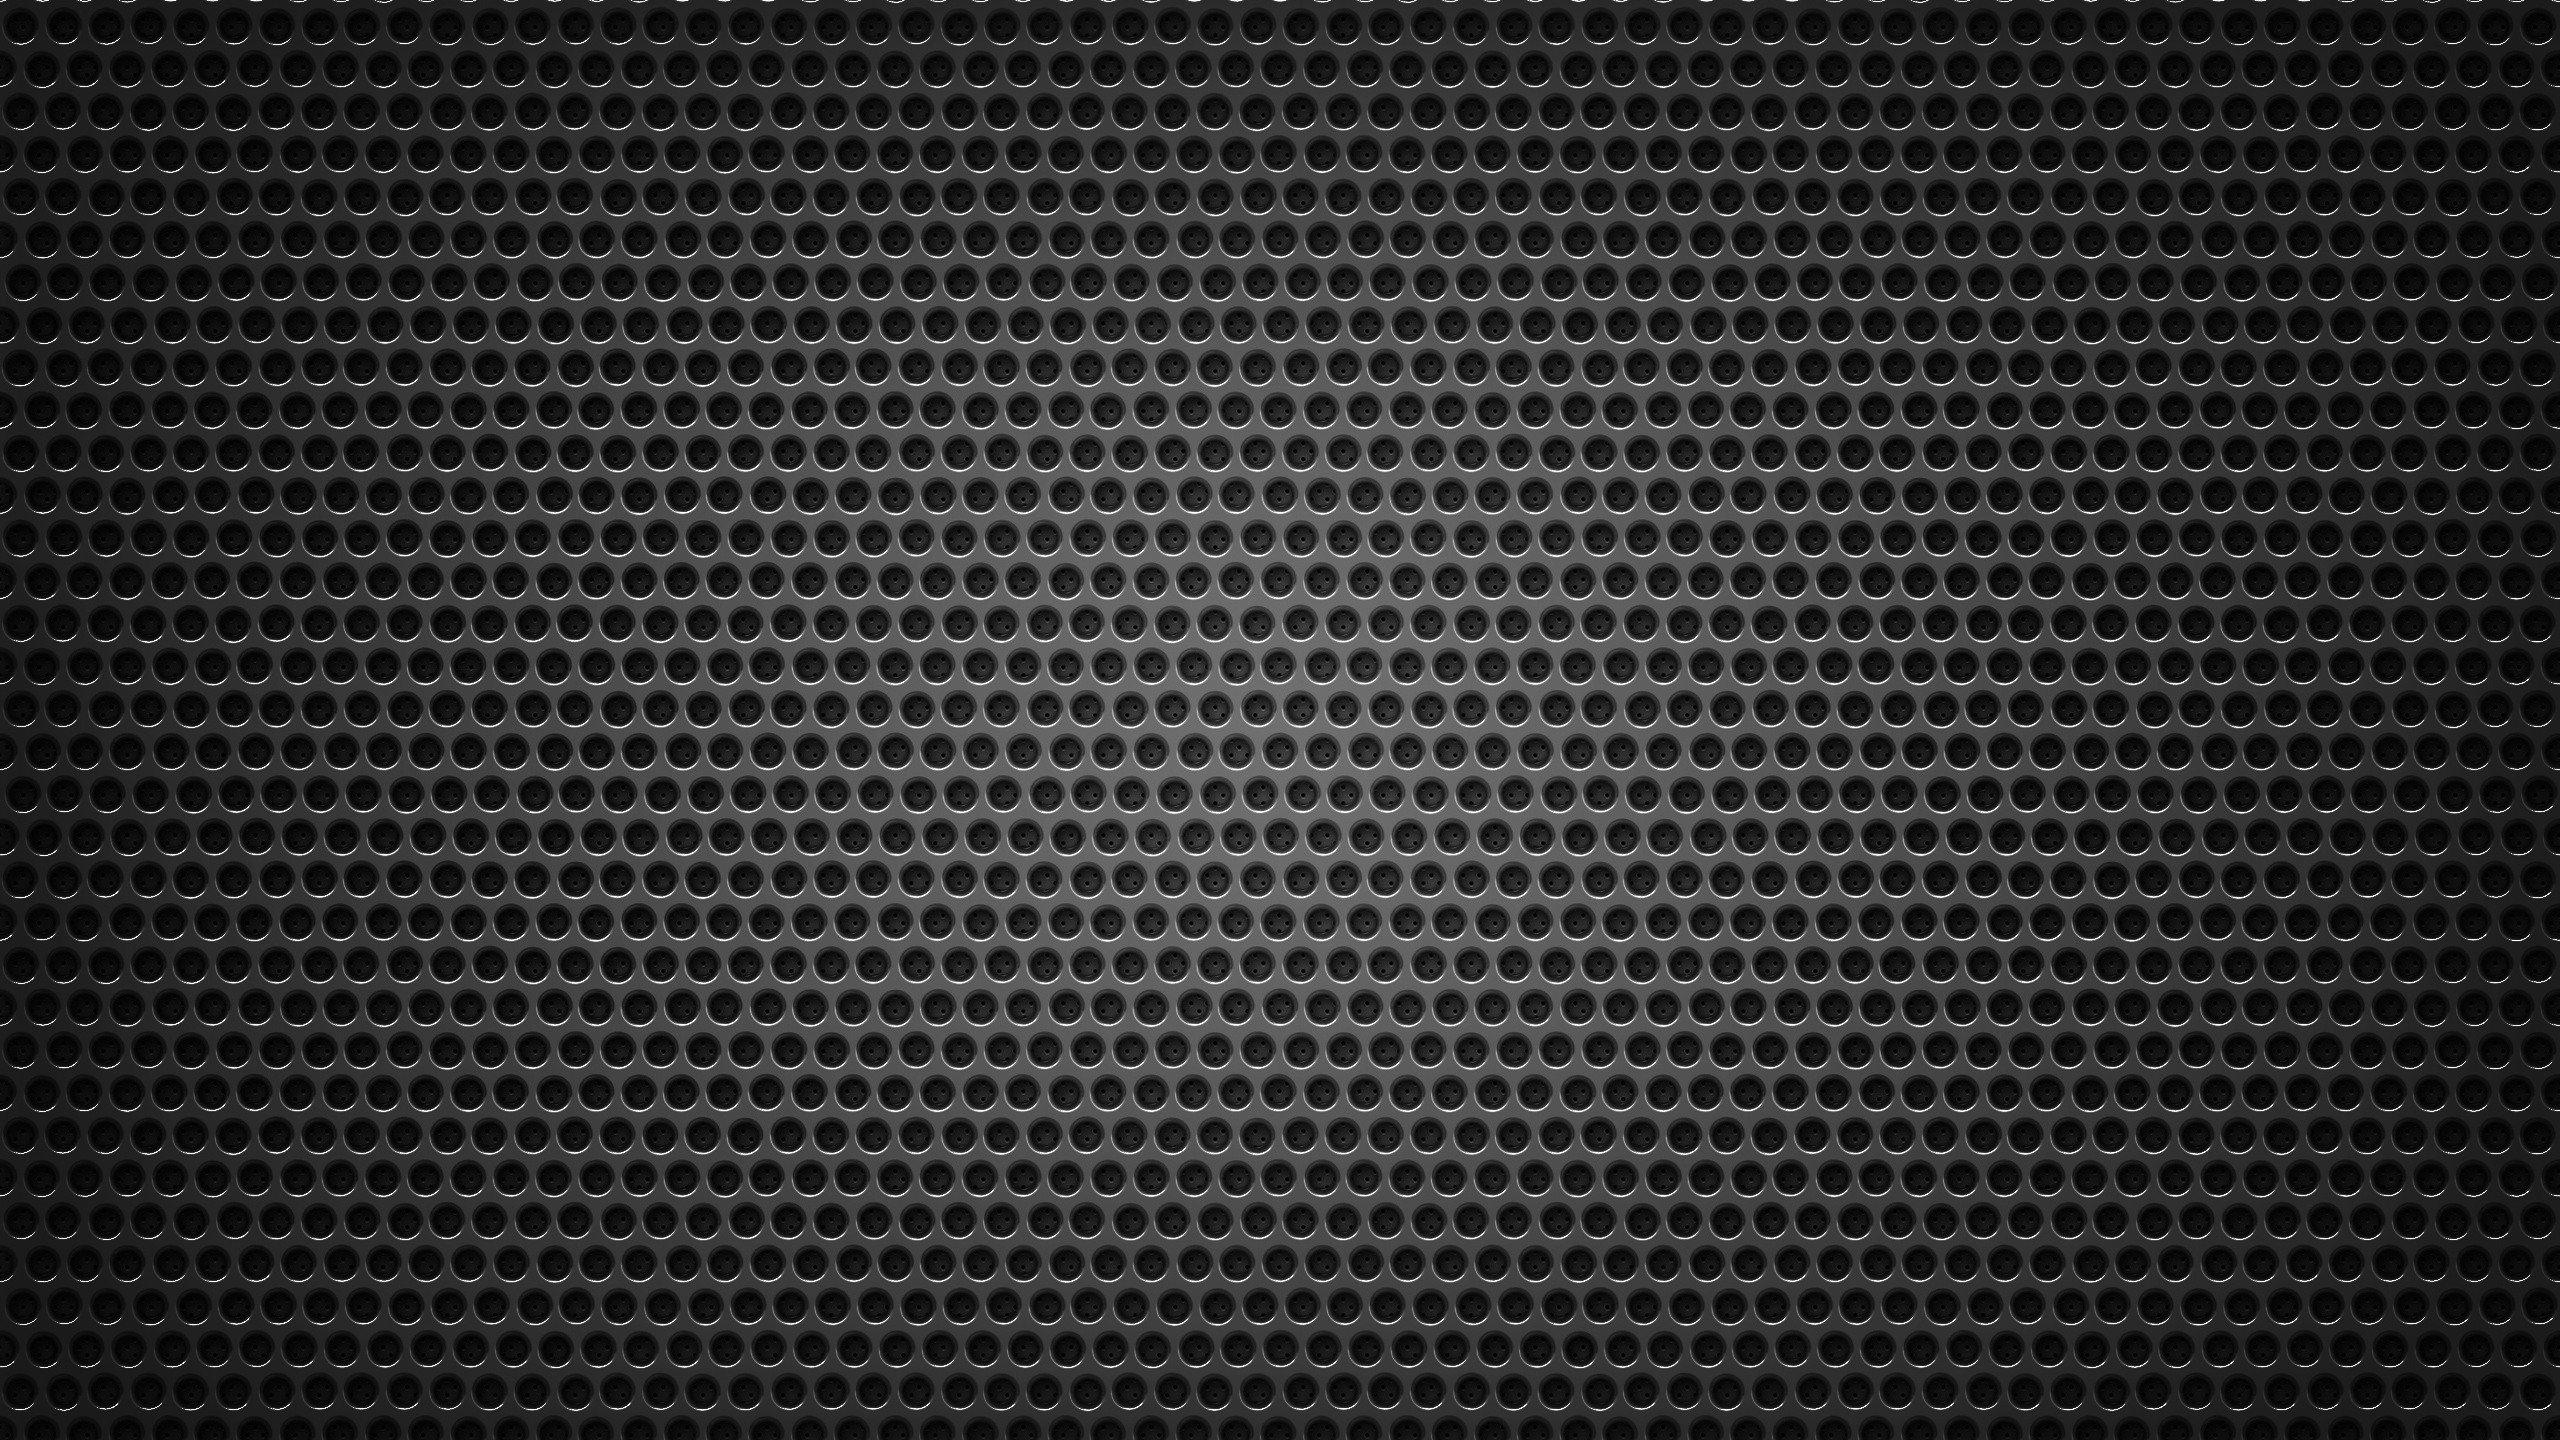 HD Metal Wallpapers - WallpaperSafari